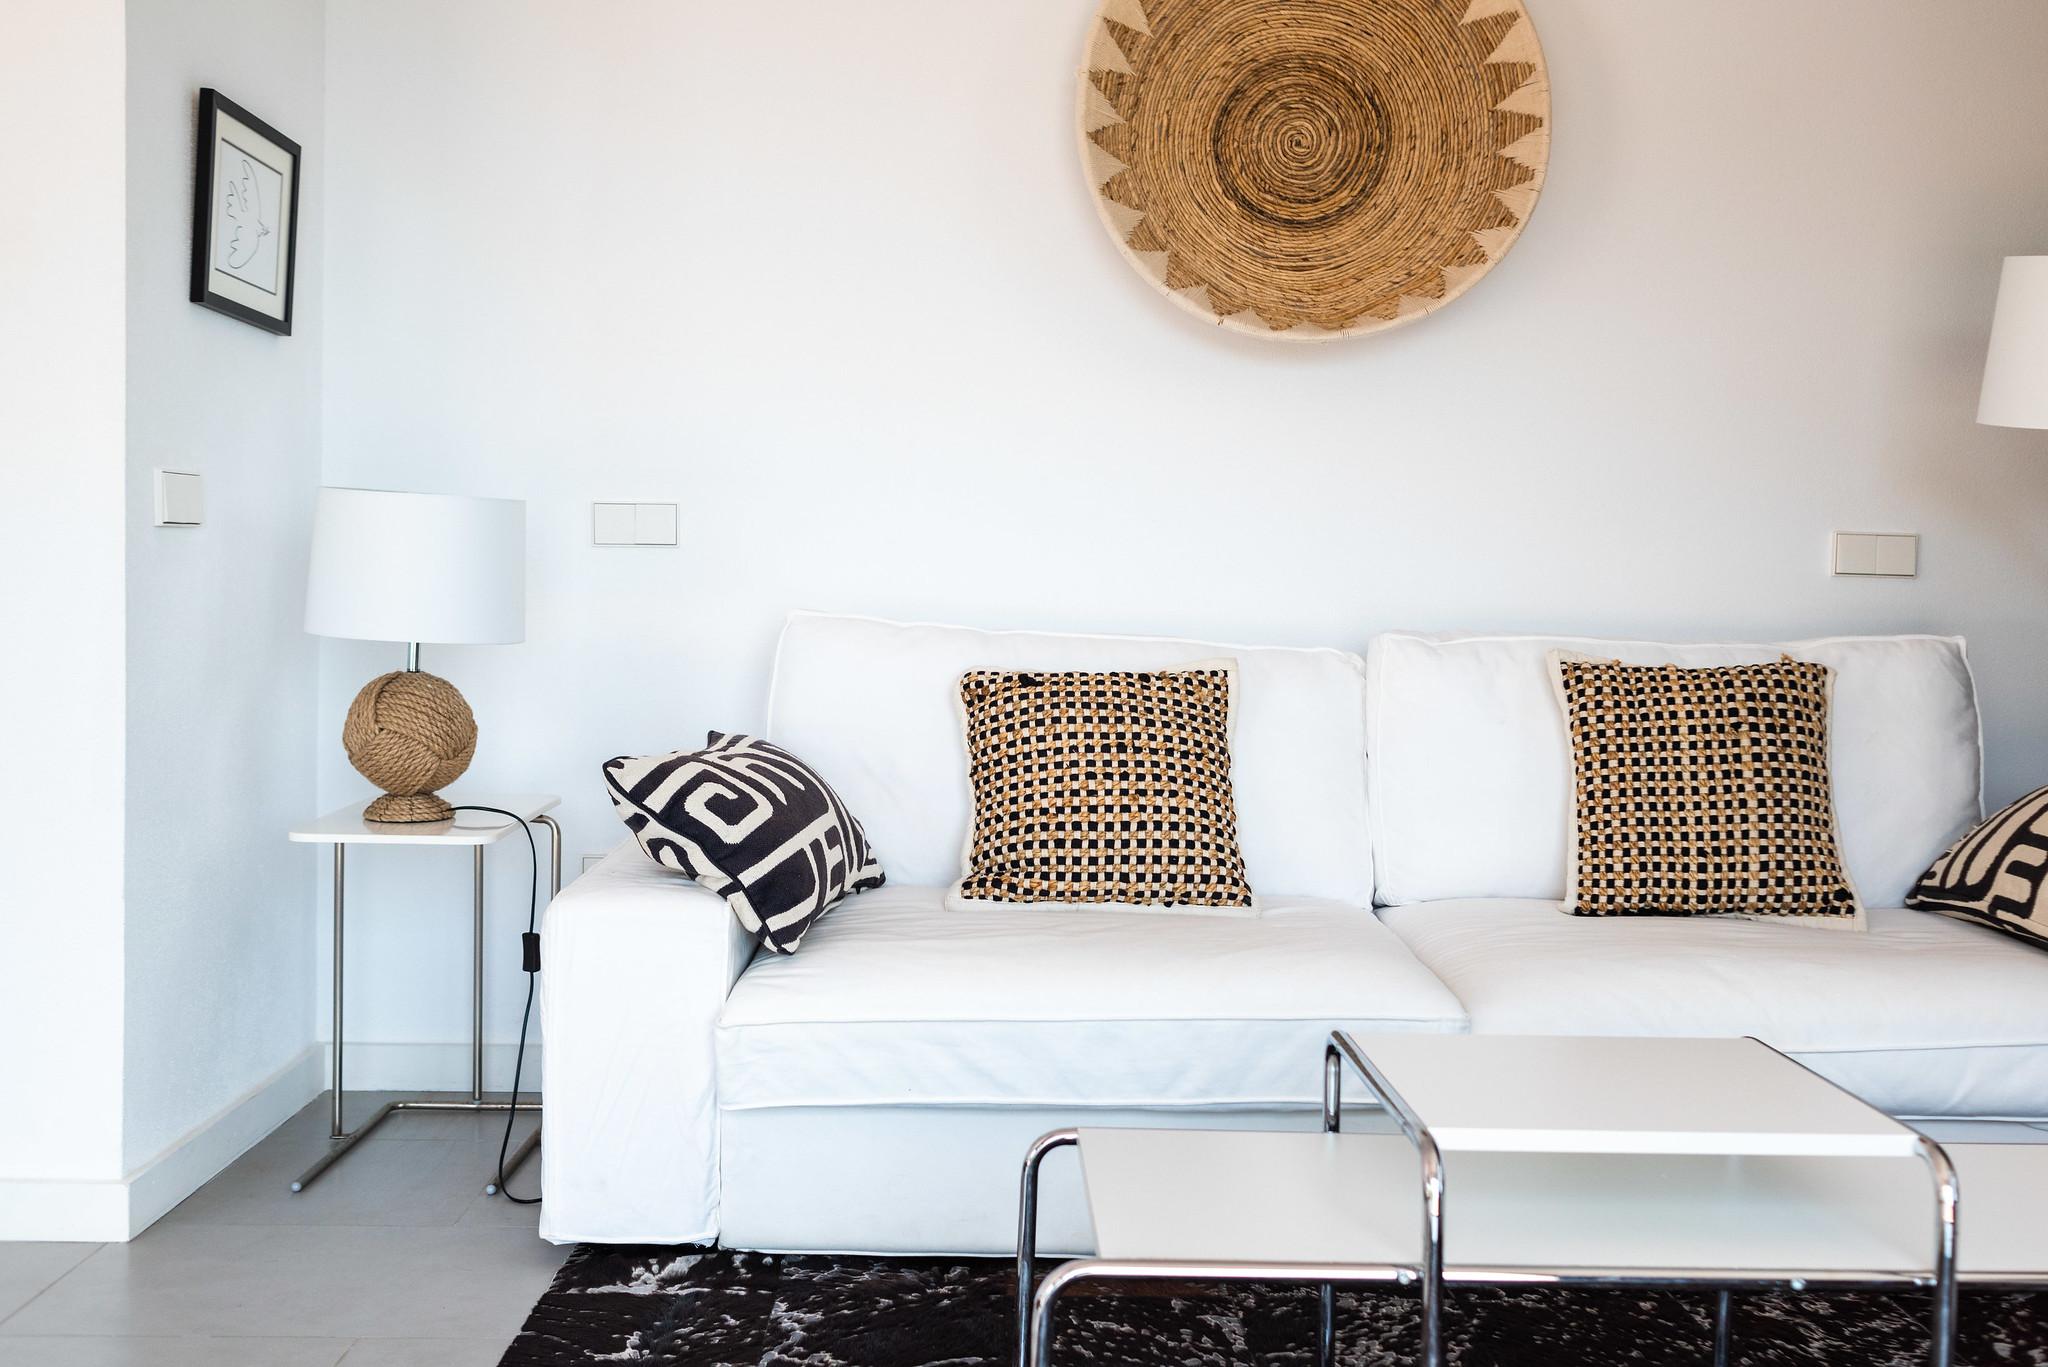 https://www.white-ibiza.com/wp-content/uploads/2020/06/white-ibiza-villas-villa-azul-interior-bedroom-suite.jpg